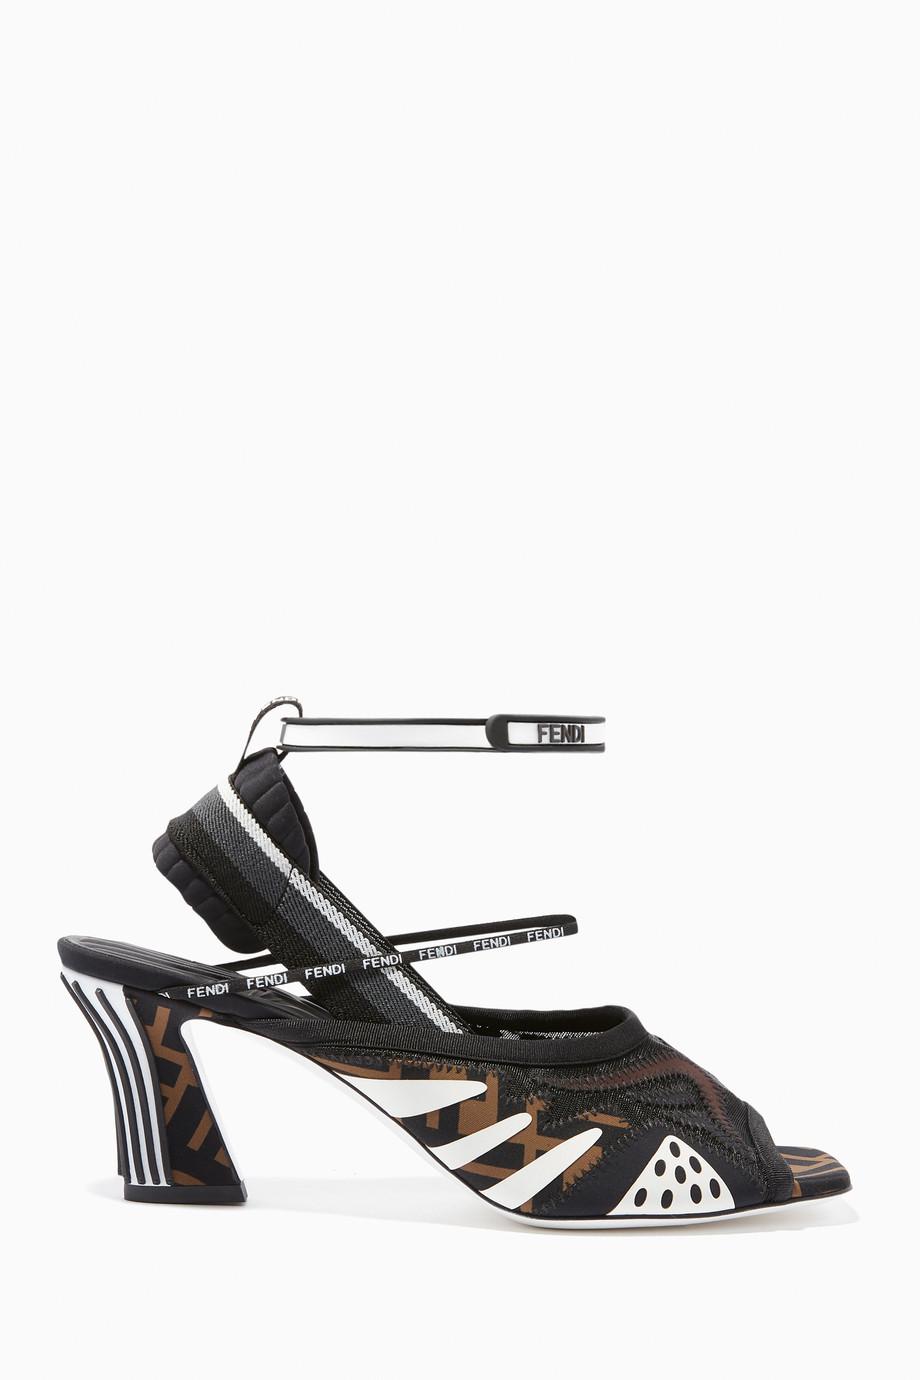 f0b494f21c38 Shop Fendi Black Freedom Panelled Neoprene Sandals for Women ...